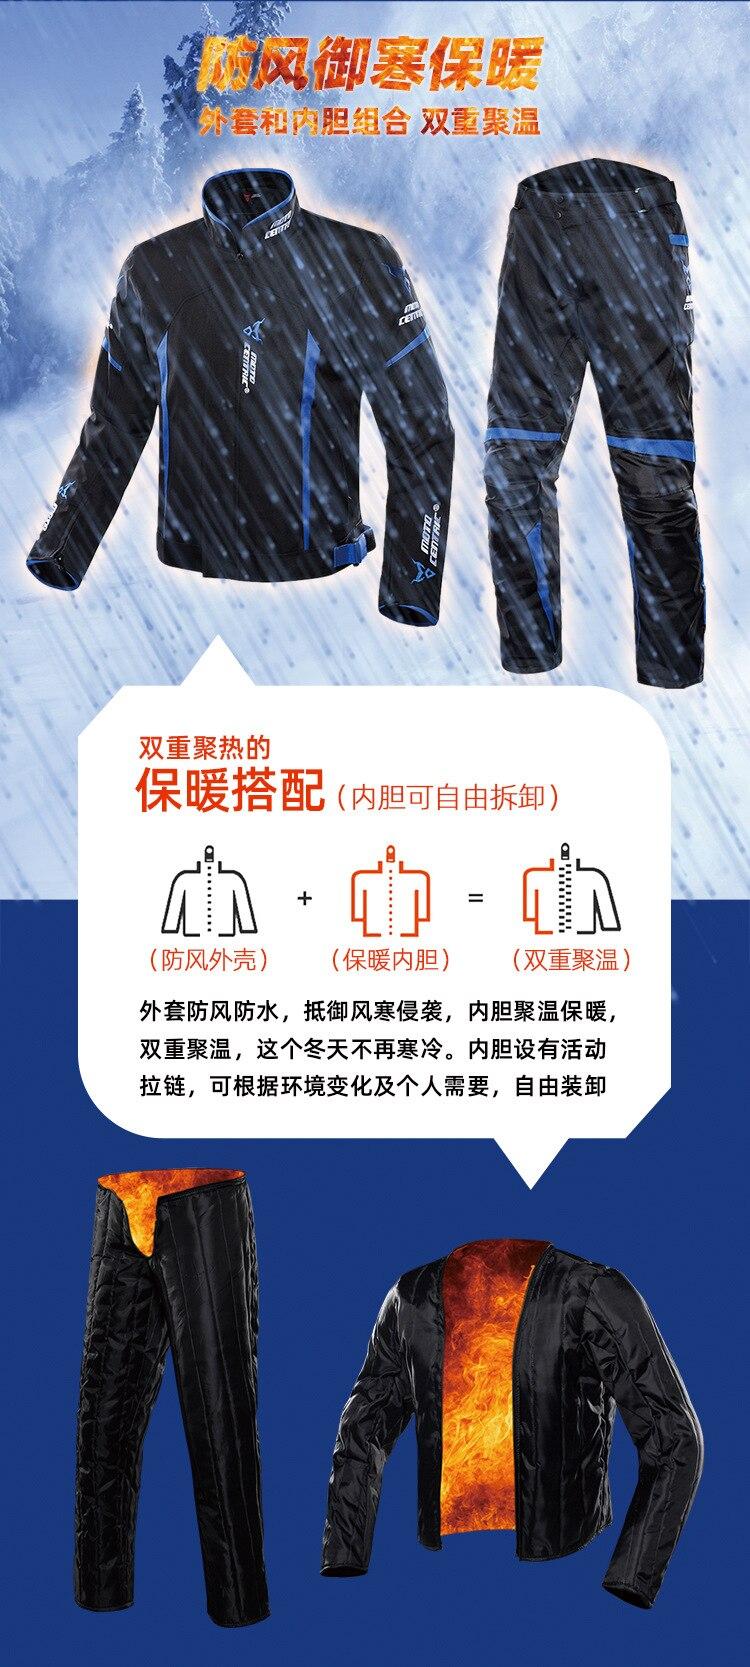 MC-1702产品卖点1-普惠体.jpg